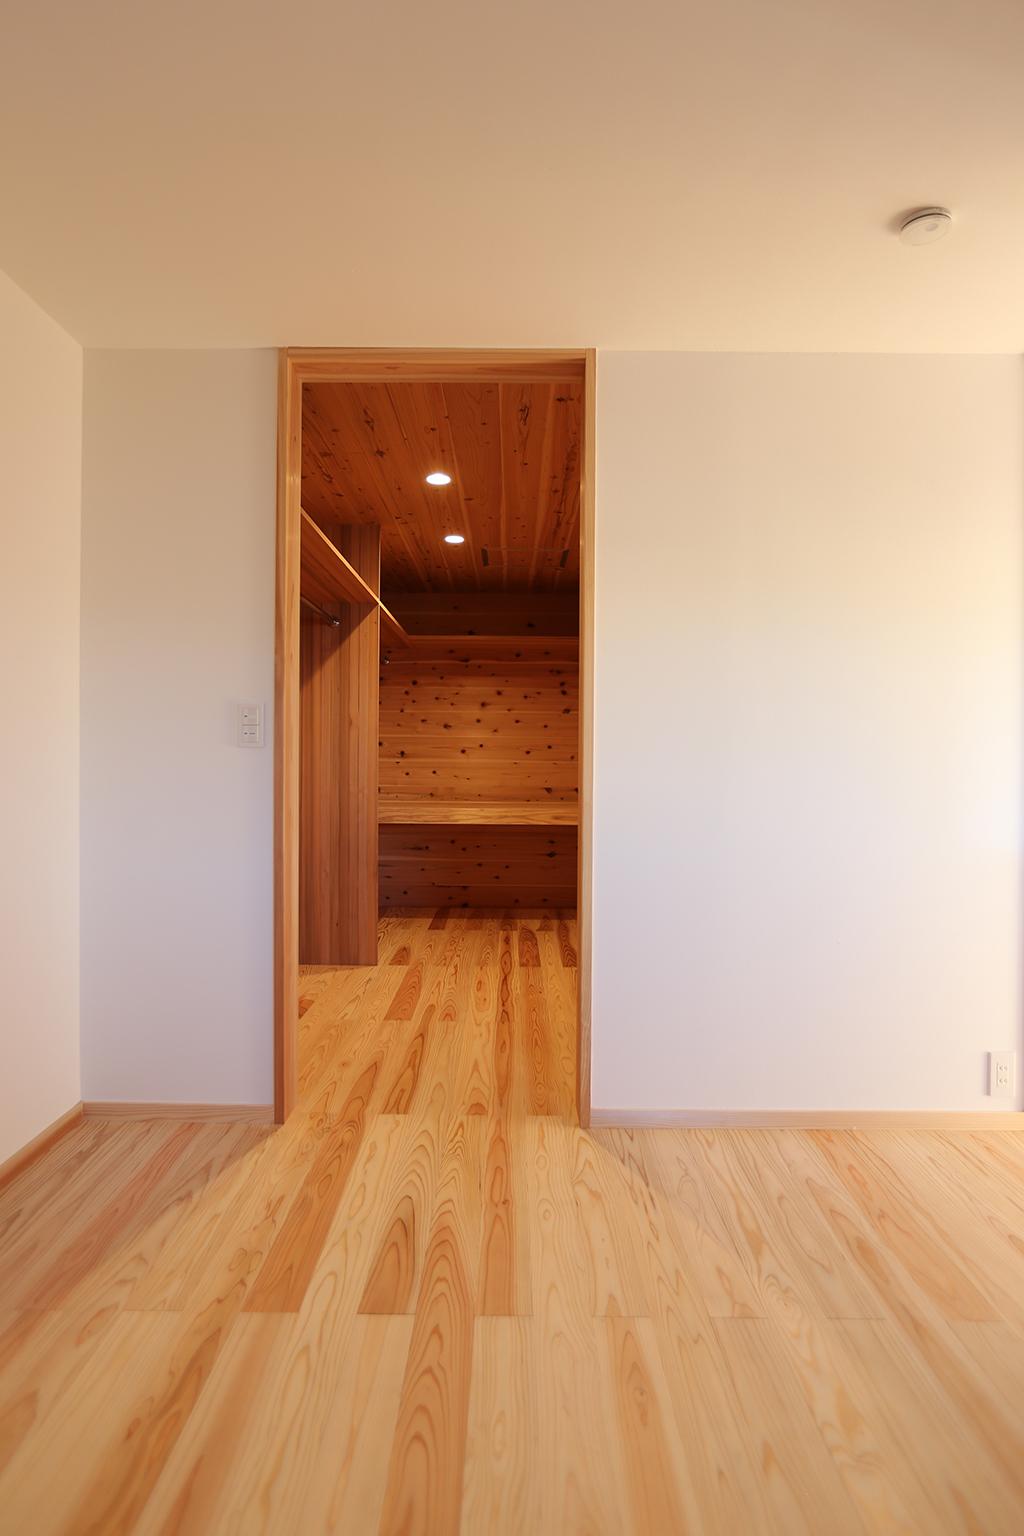 姫路市の木の家 寝室に隣接するクローク